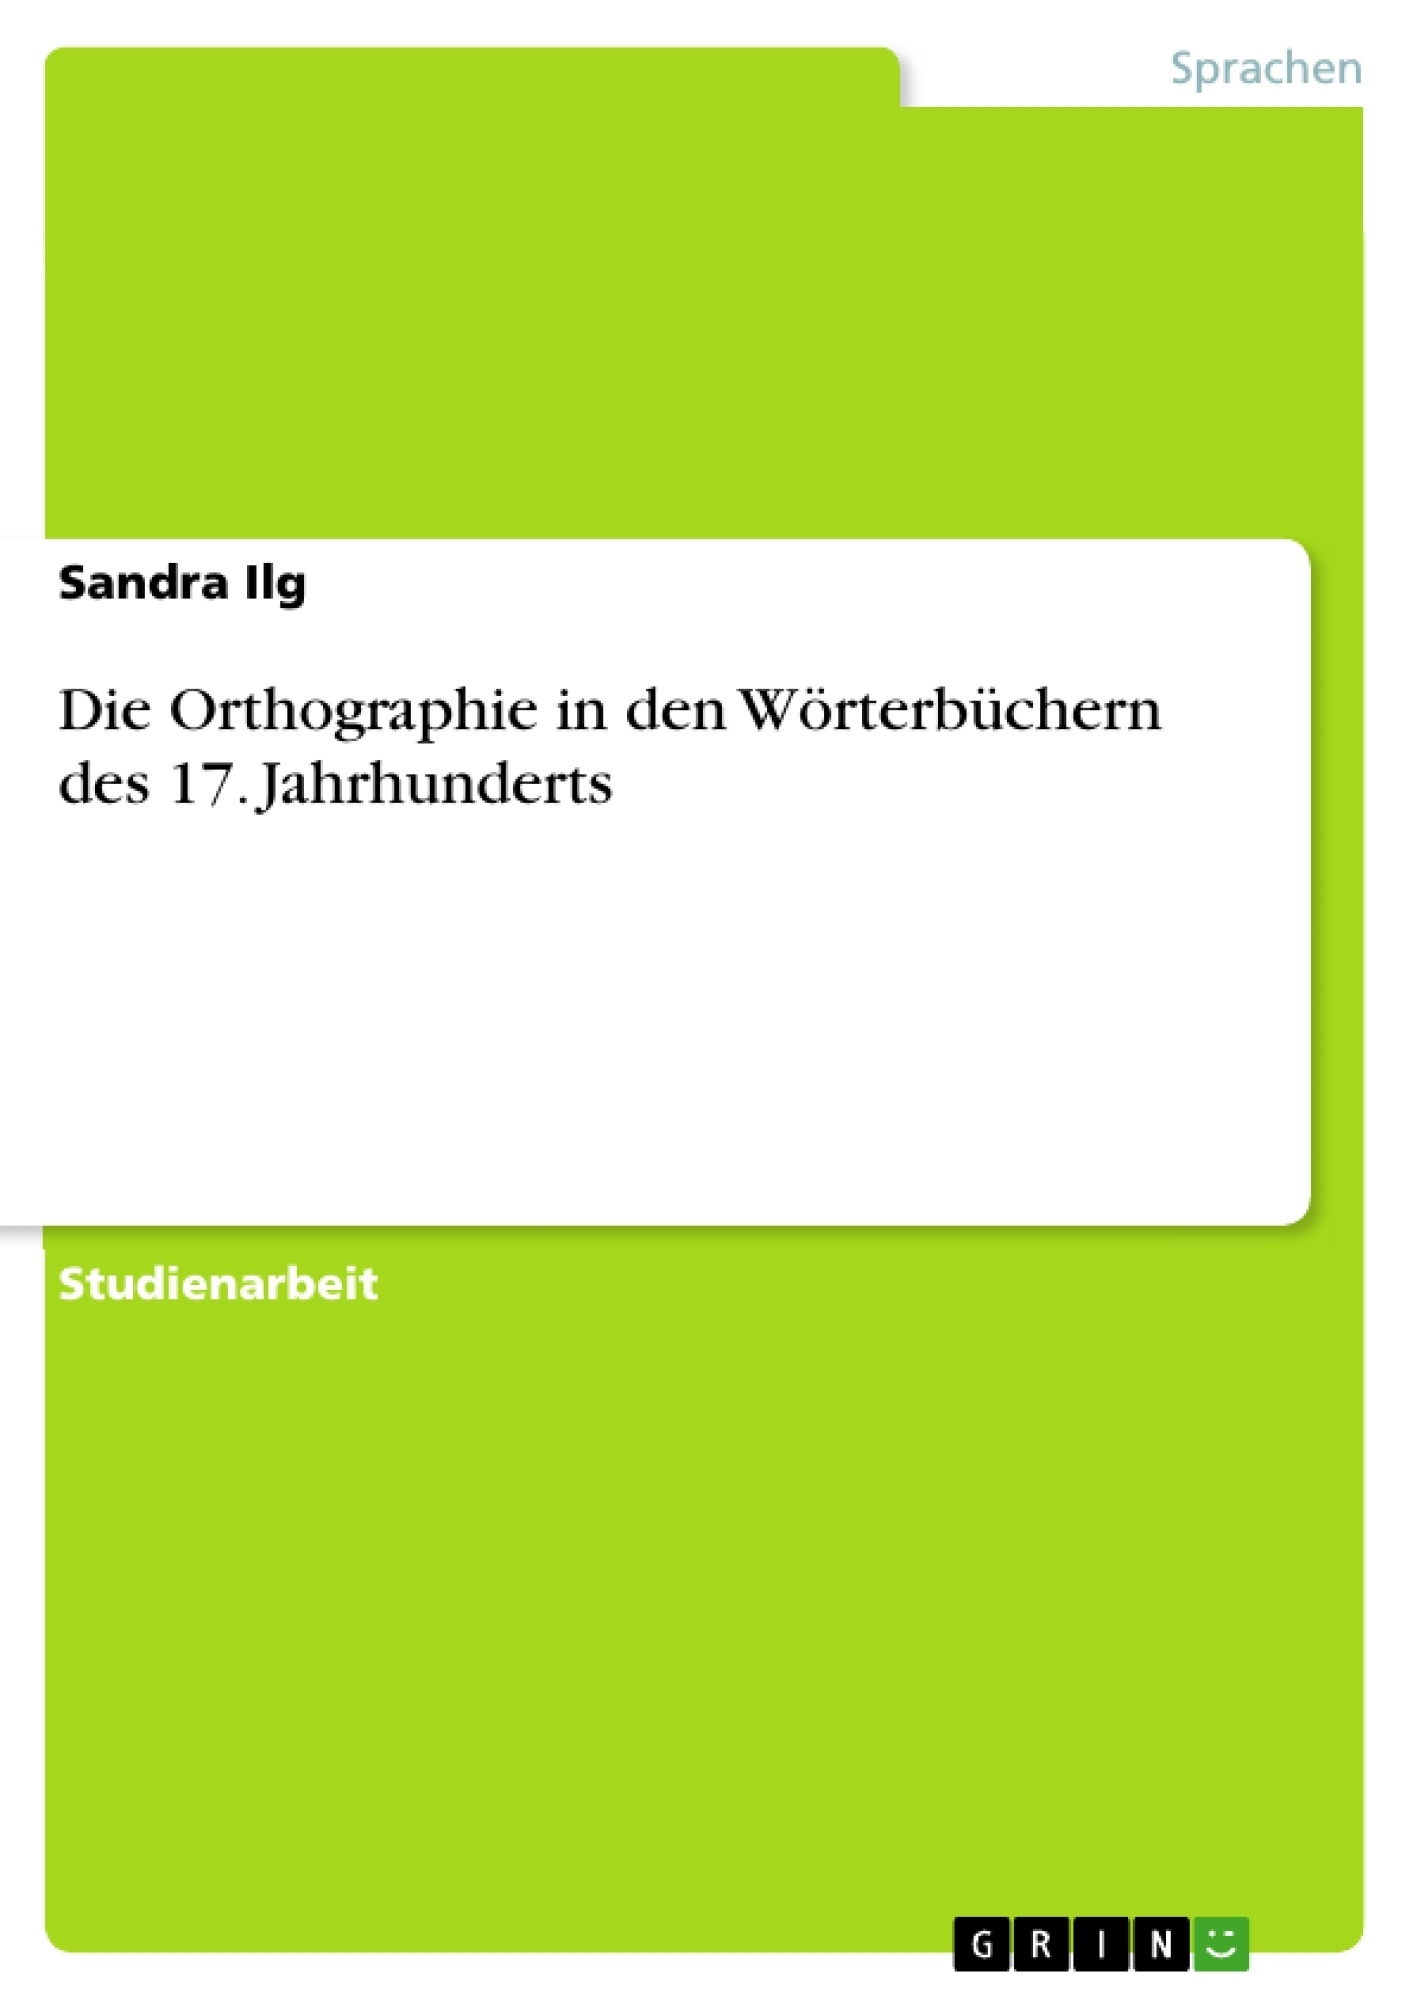 Titel: Die Orthographie in den Wörterbüchern des 17. Jahrhunderts